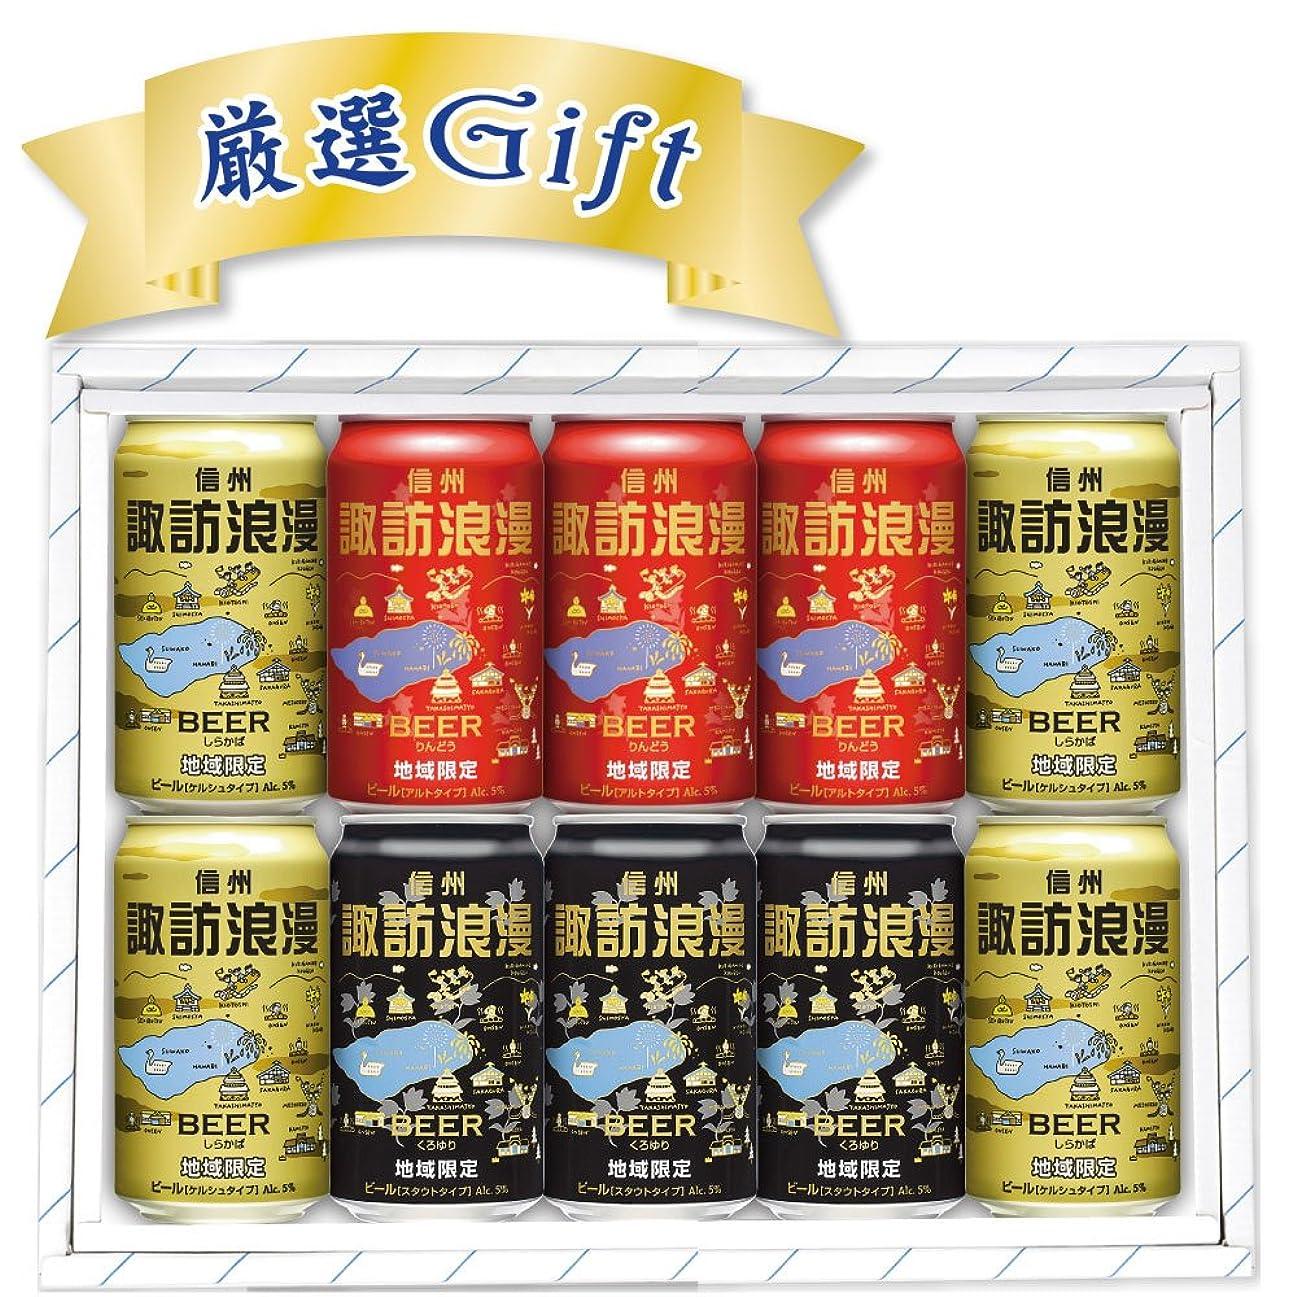 プーノ電気的非公式麗人 諏訪浪漫ビール缶 10缶ギフトセット